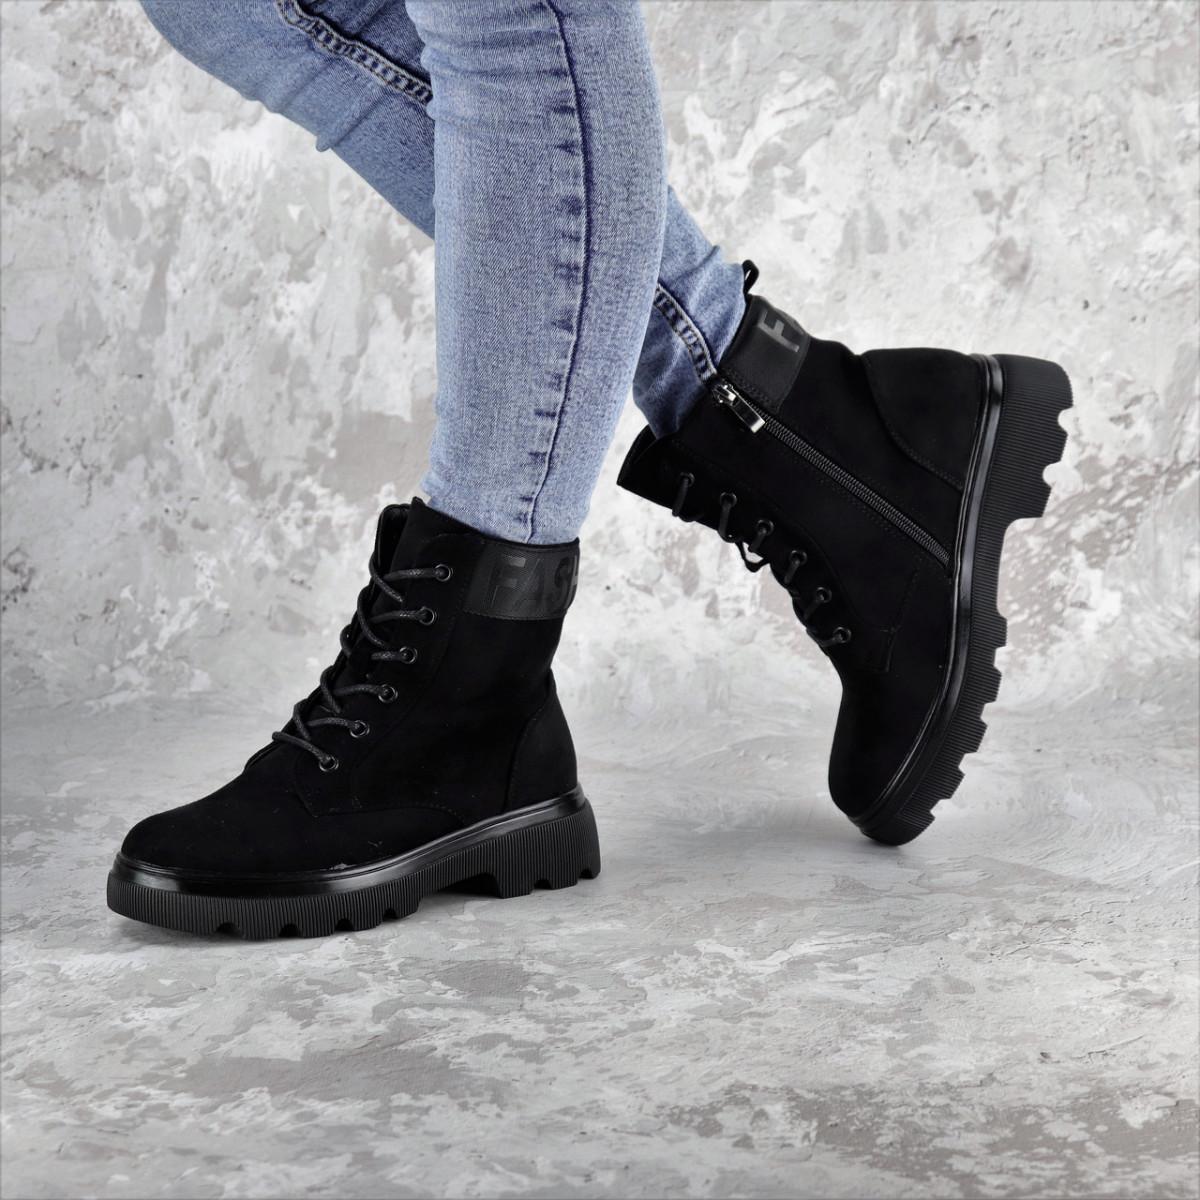 Ботинки женские черные Kaitlin 2276 (36 размер)